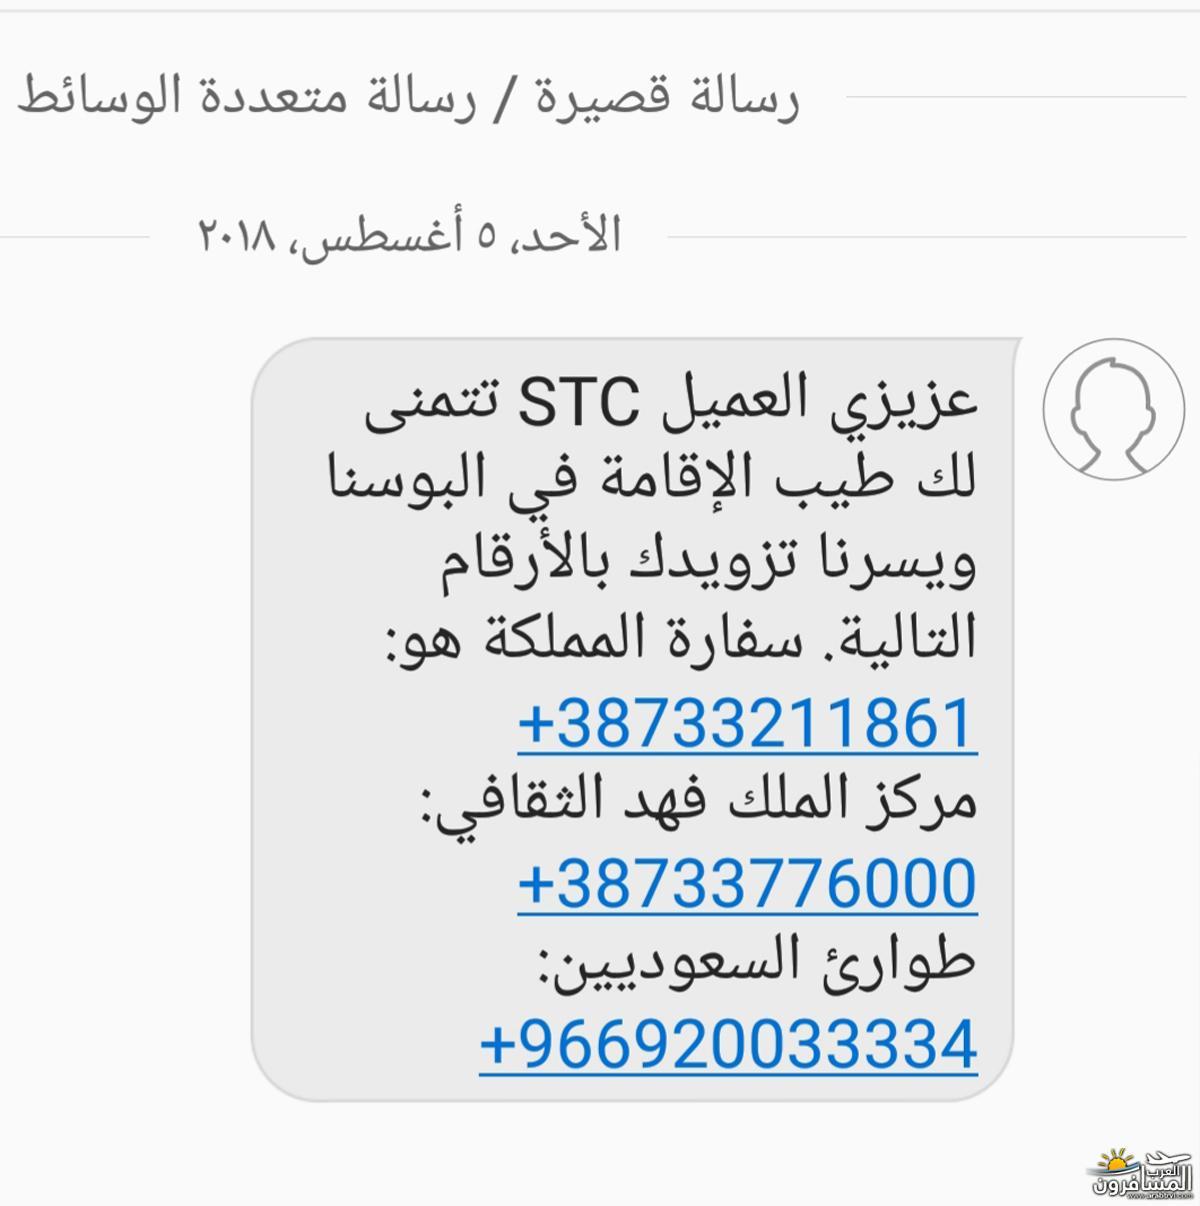 arabtrvl1535910283821.jpg